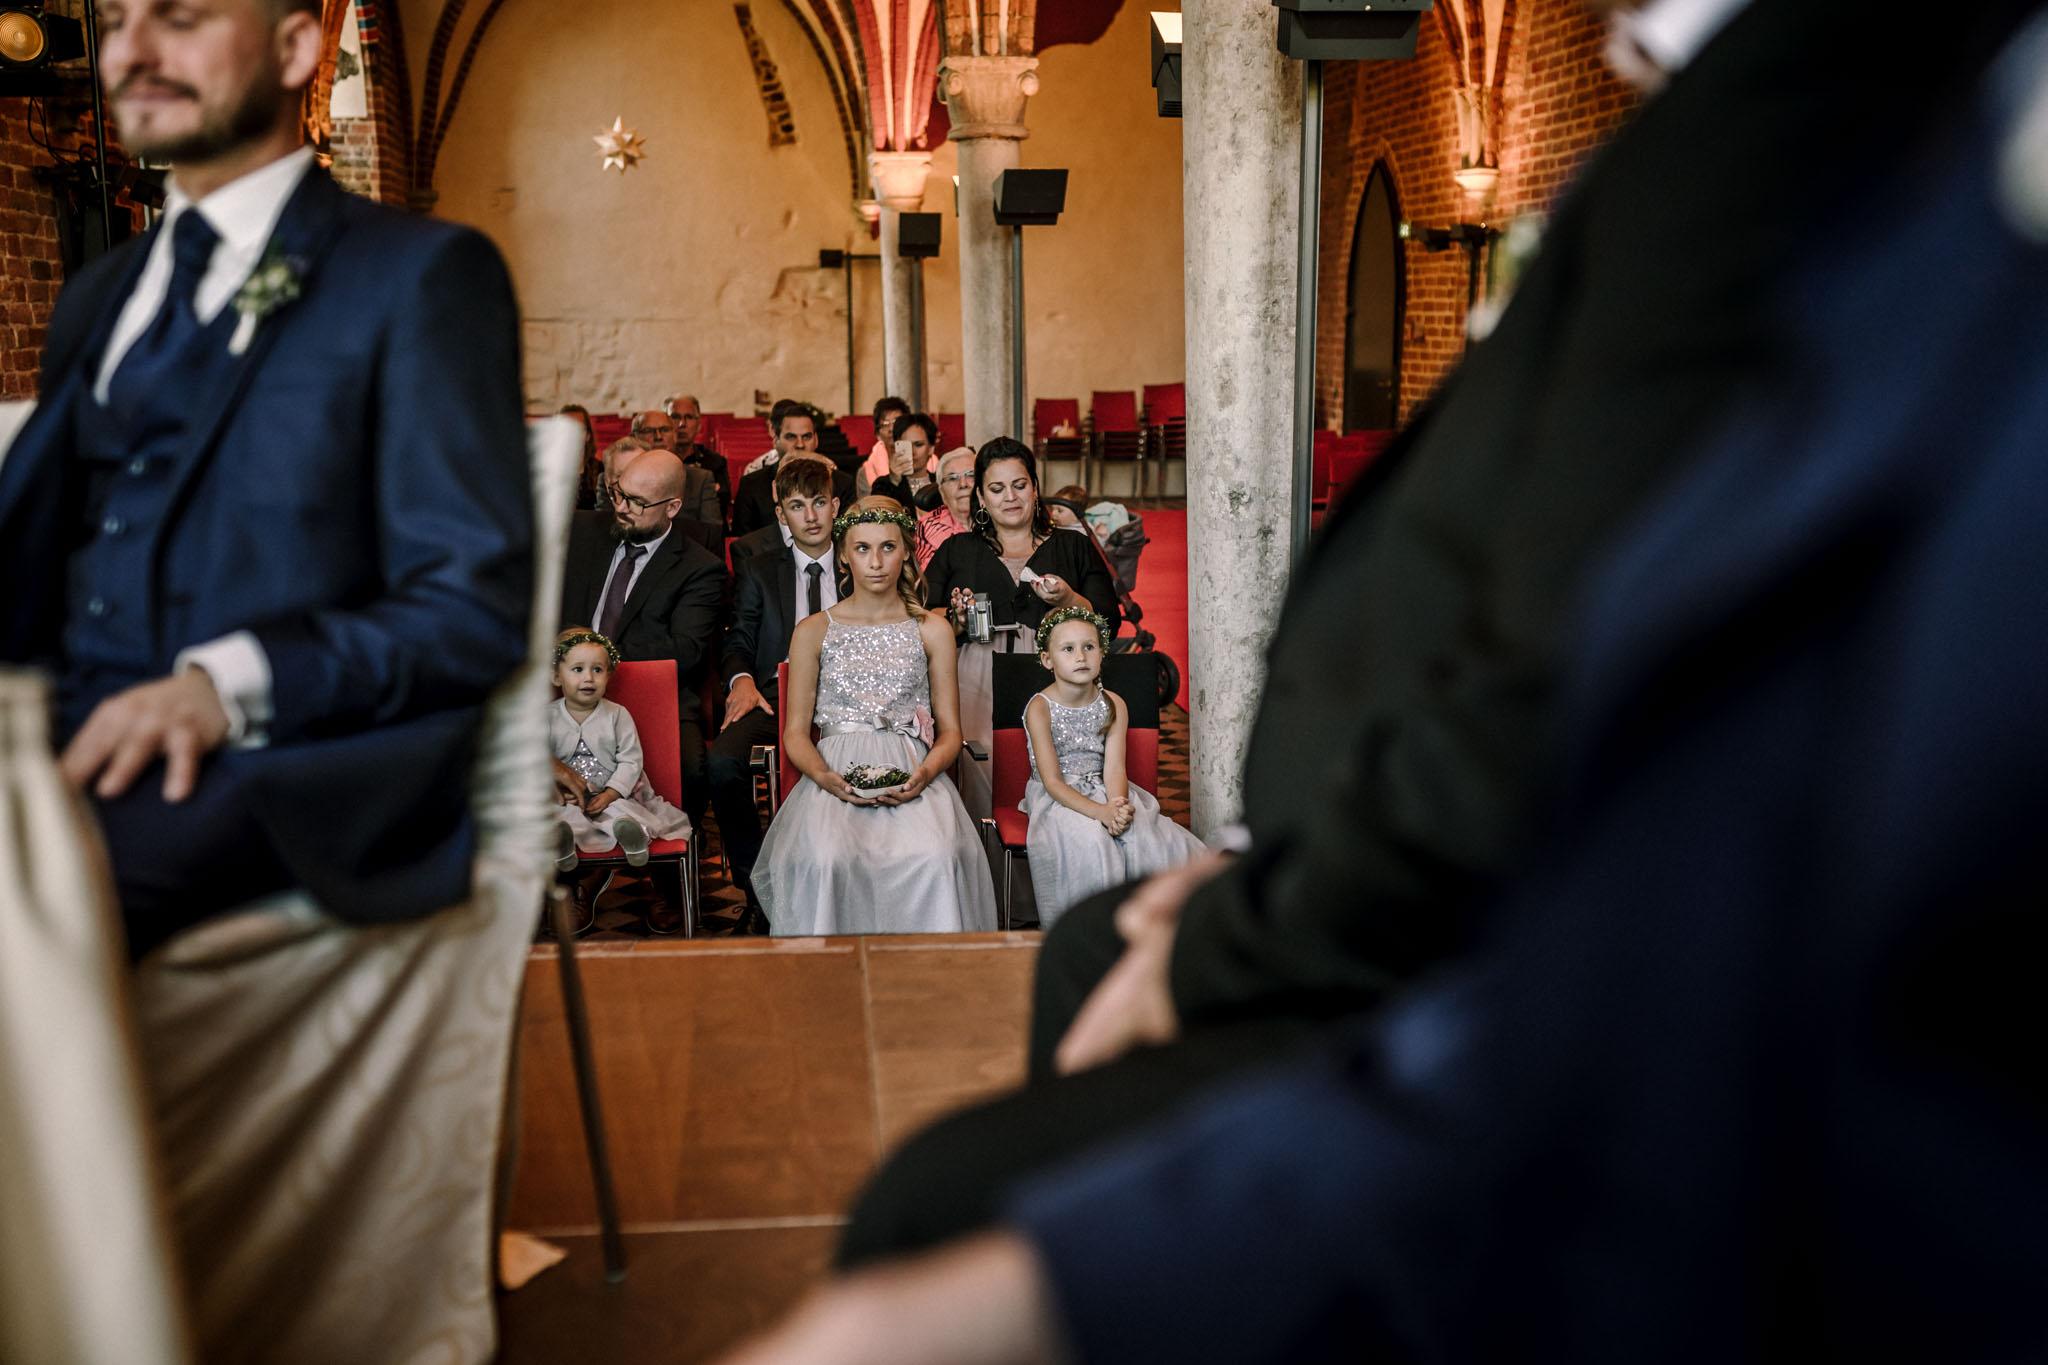 Hochzeitsfieber by Photo-Schomburg, Hochzeitsfotograf, Hamburg,Hochzeitstag, Hochzeitspaar, Braut, Bräutigam, Literaturhauscafe Zarrentin-38